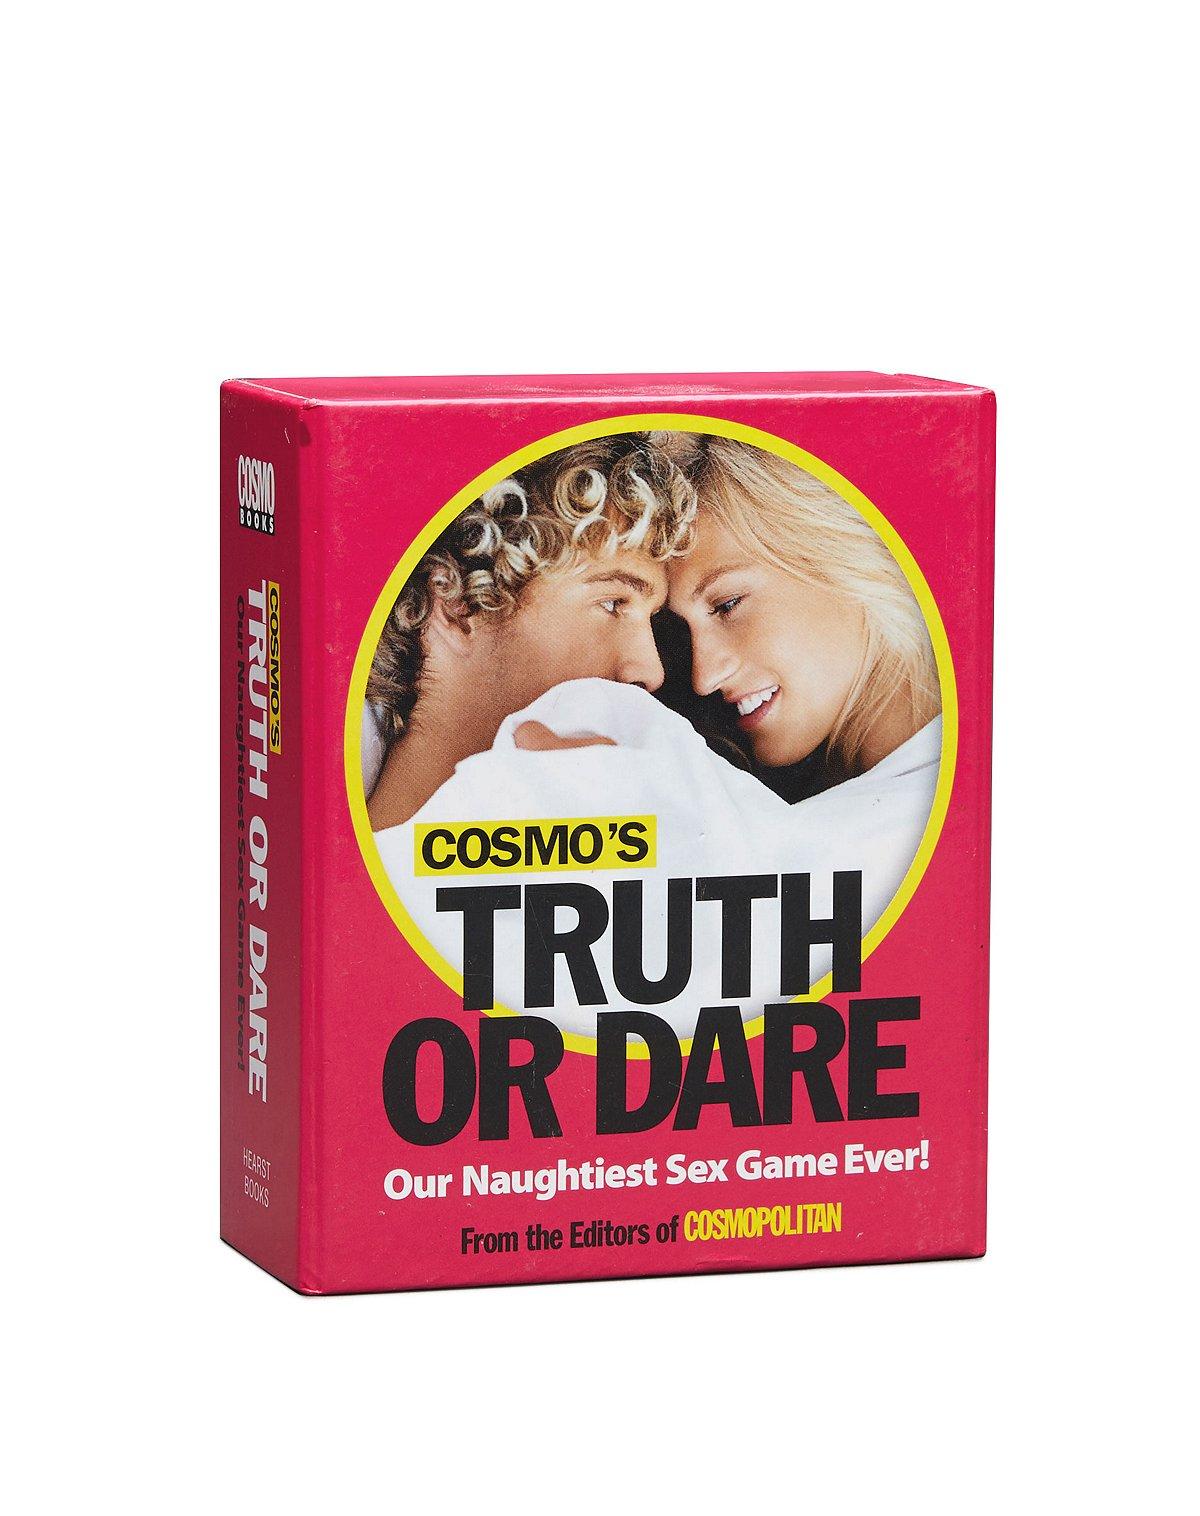 Cosmo's Truth or Dare